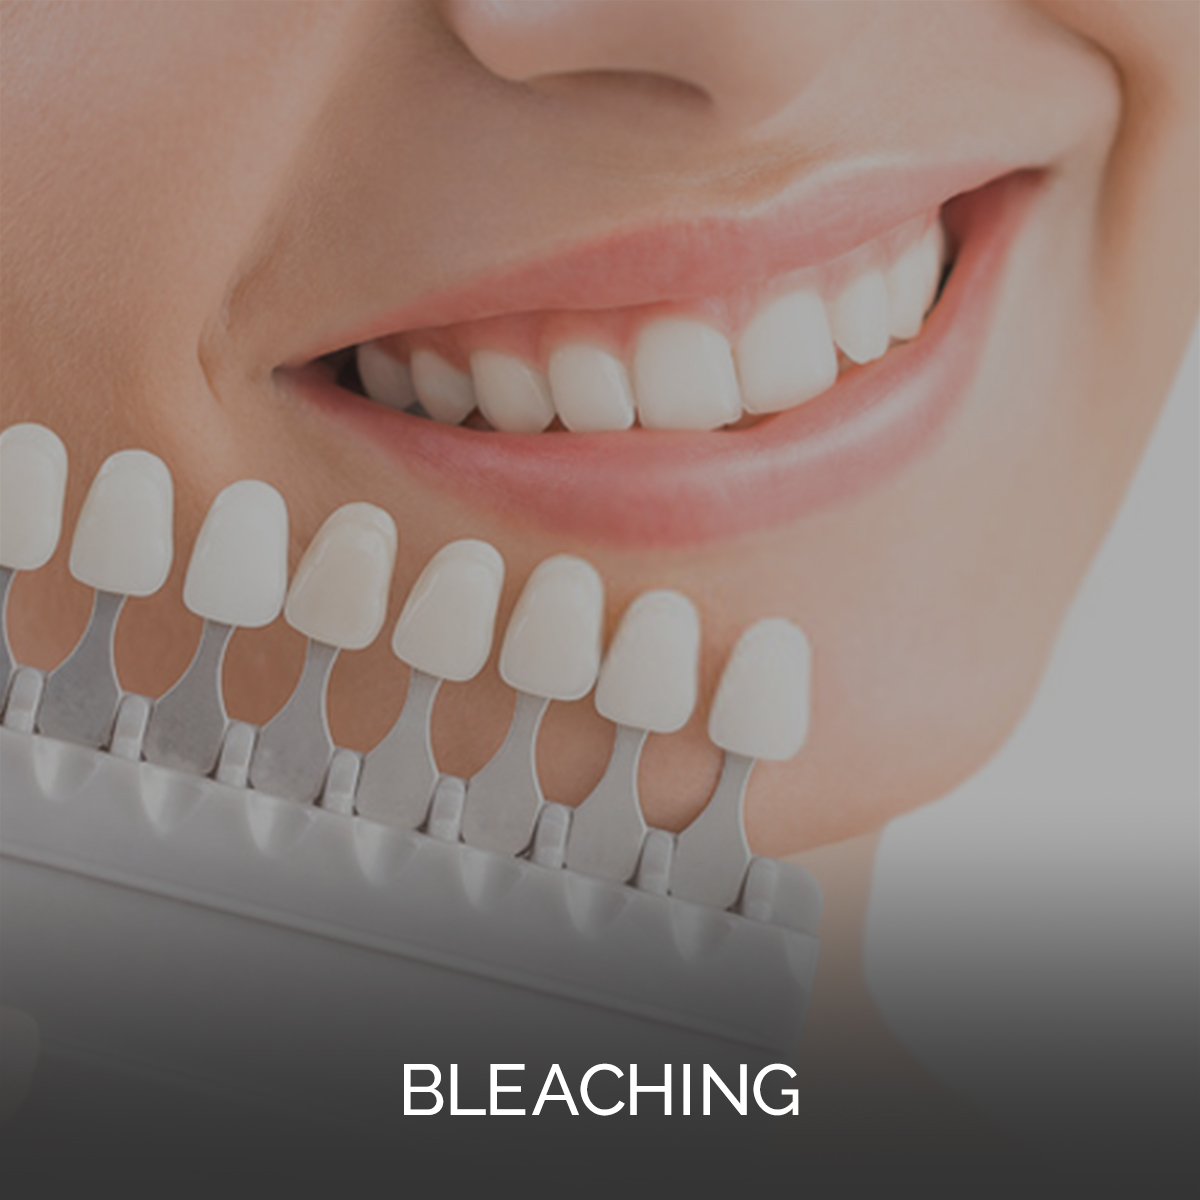 Bleaching: Zahnarztpraxis in Mitte von Berlin bittet Leistungen von Prophylaxe über Zahnersatz bis zu Ästhetischen Zahnbehandlungen ein umfangreiches Leistungspaket und höchste Behandlung